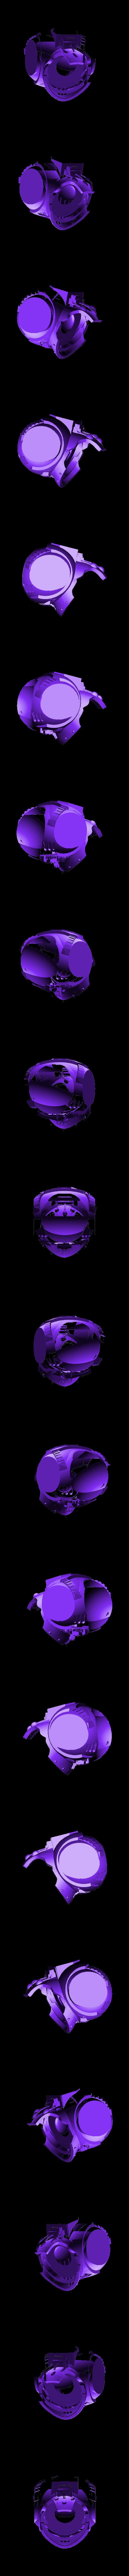 Torso 4.stl Télécharger fichier STL gratuit L'équipe des Chevaliers gris Primaris • Modèle pour imprimante 3D, joeldawson93